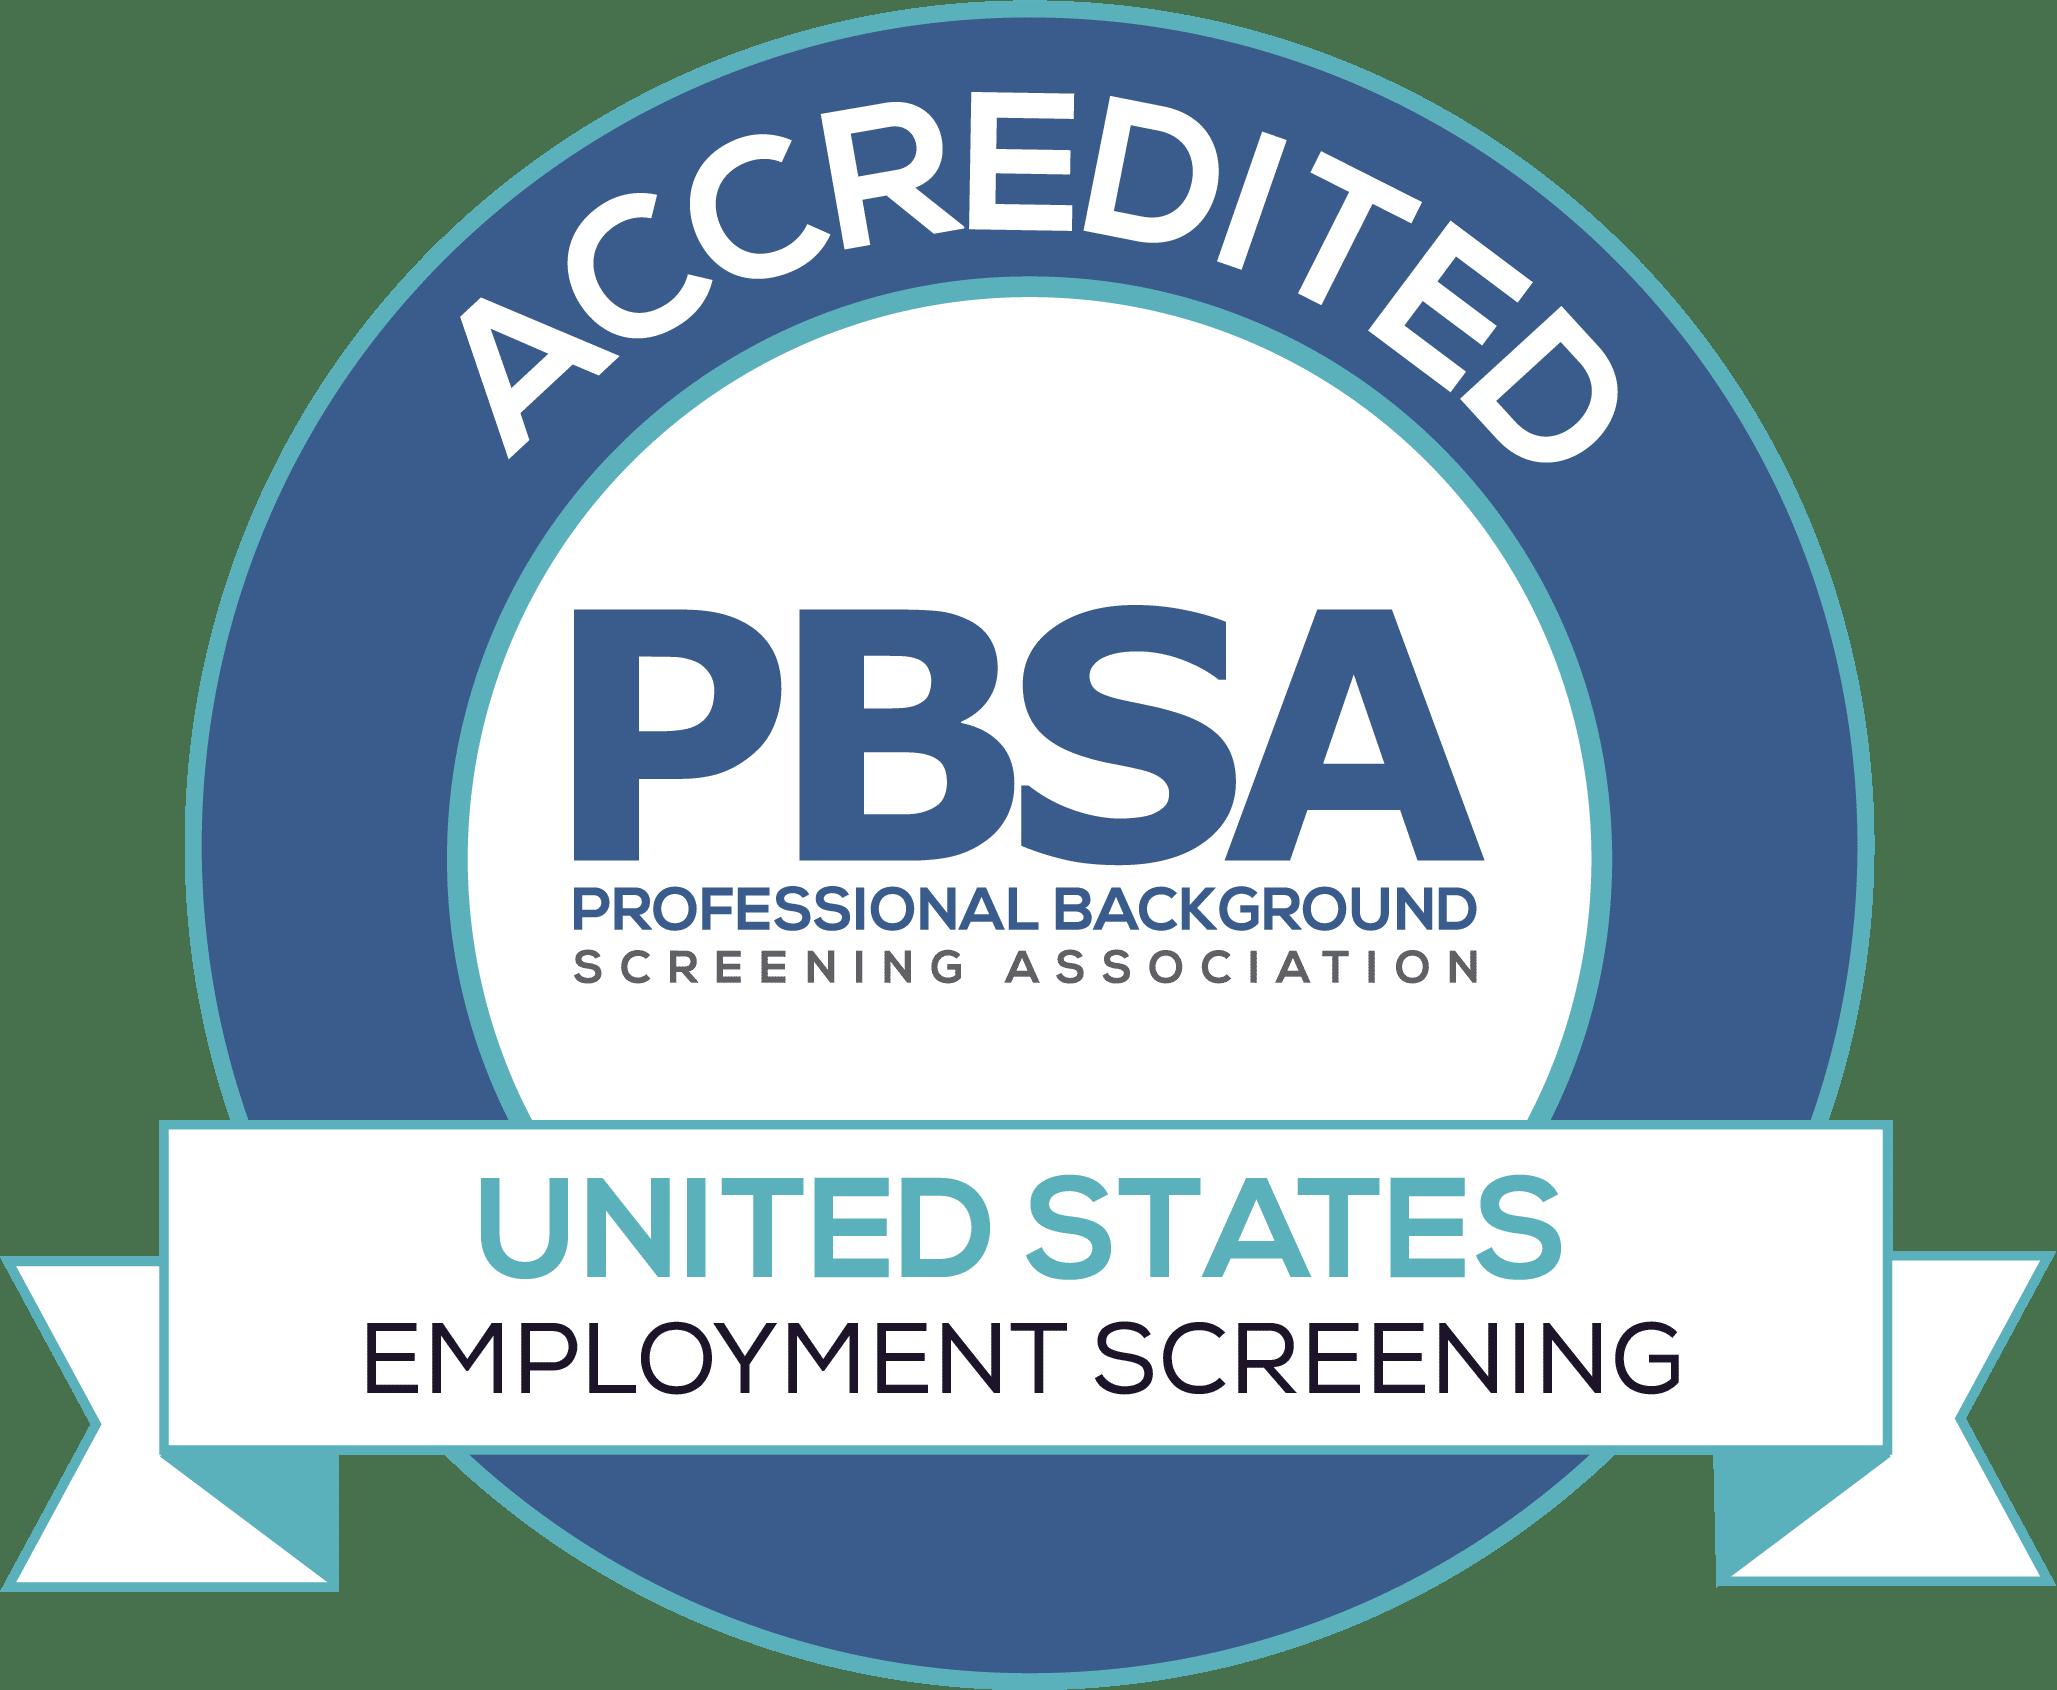 PBSA Accreditation Seal